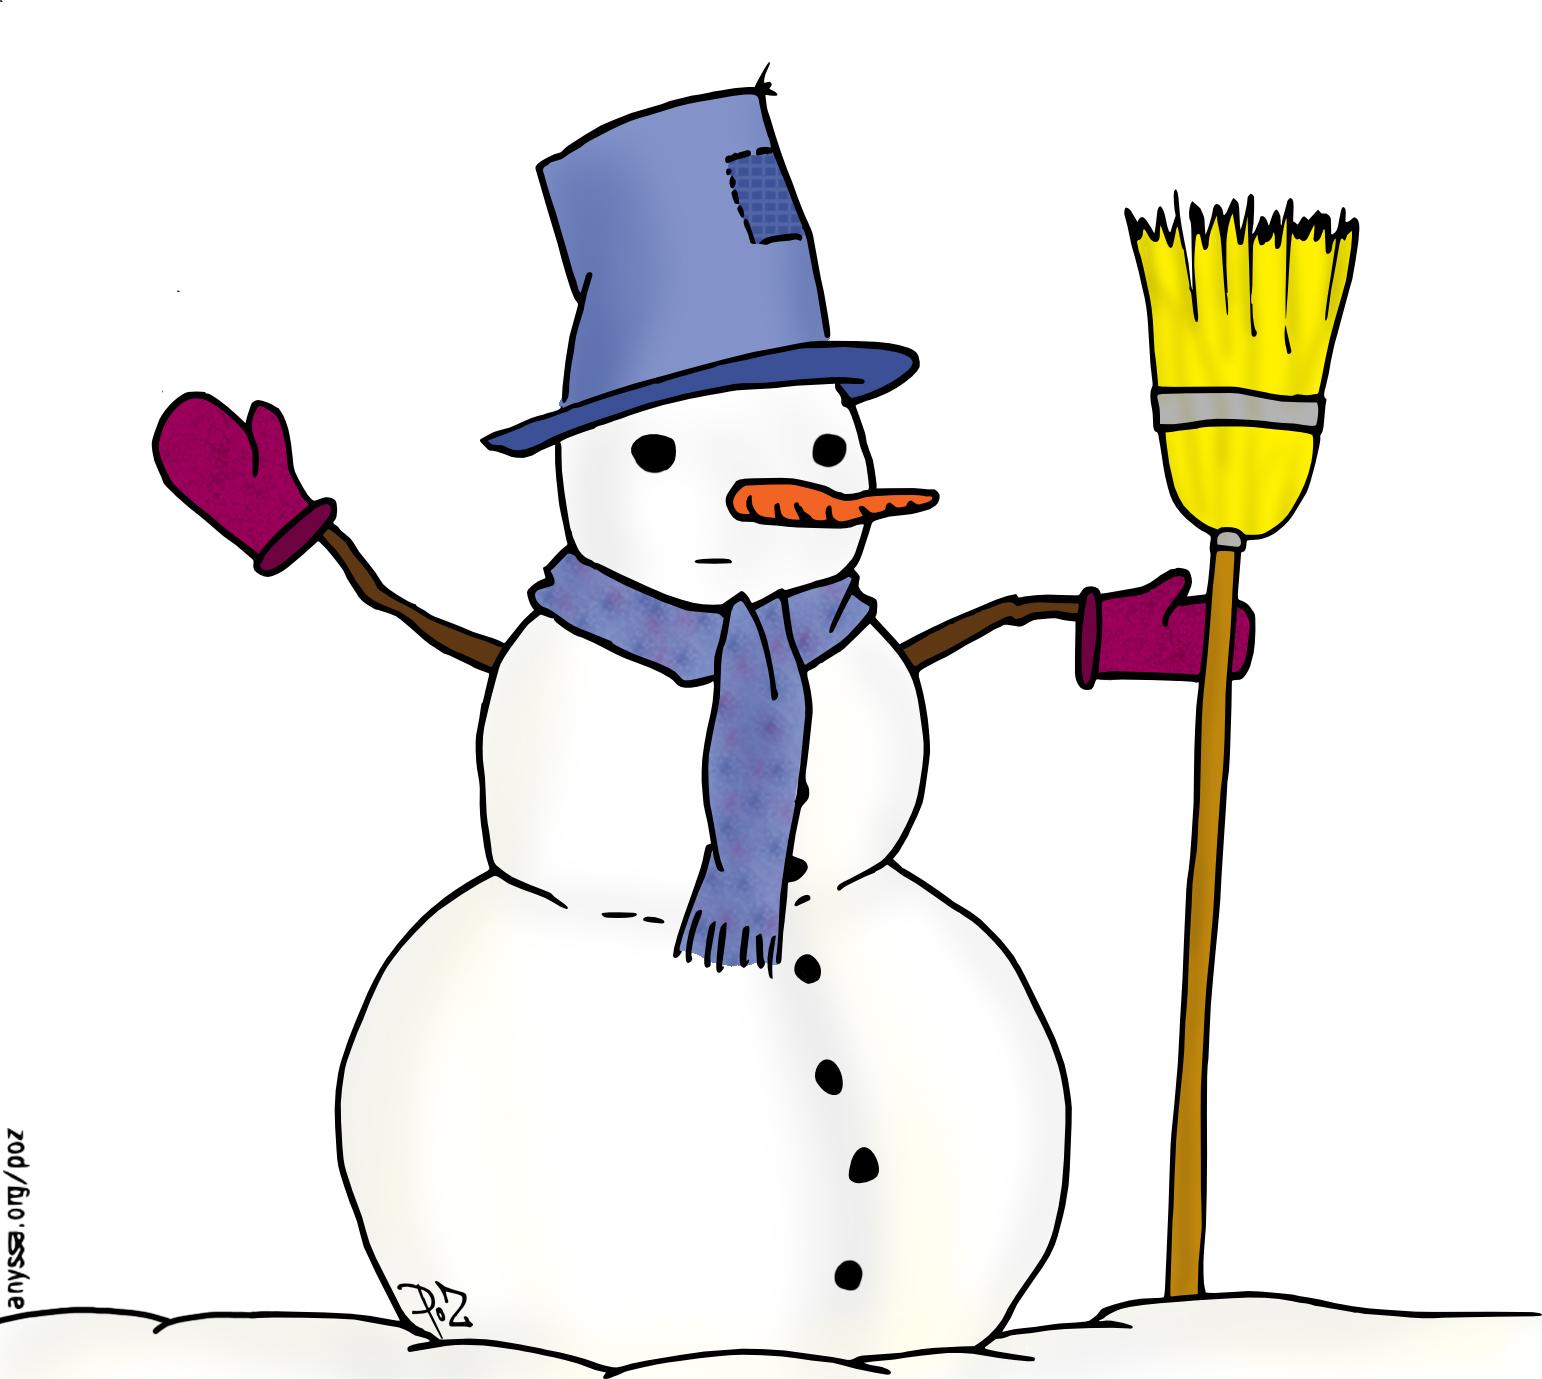 #990058 Les PoZ Préparent Noël ~ La Classe Des Gnomes 6333 décoration noel a fabriquer bonhomme de neige 1542x1379 px @ aertt.com